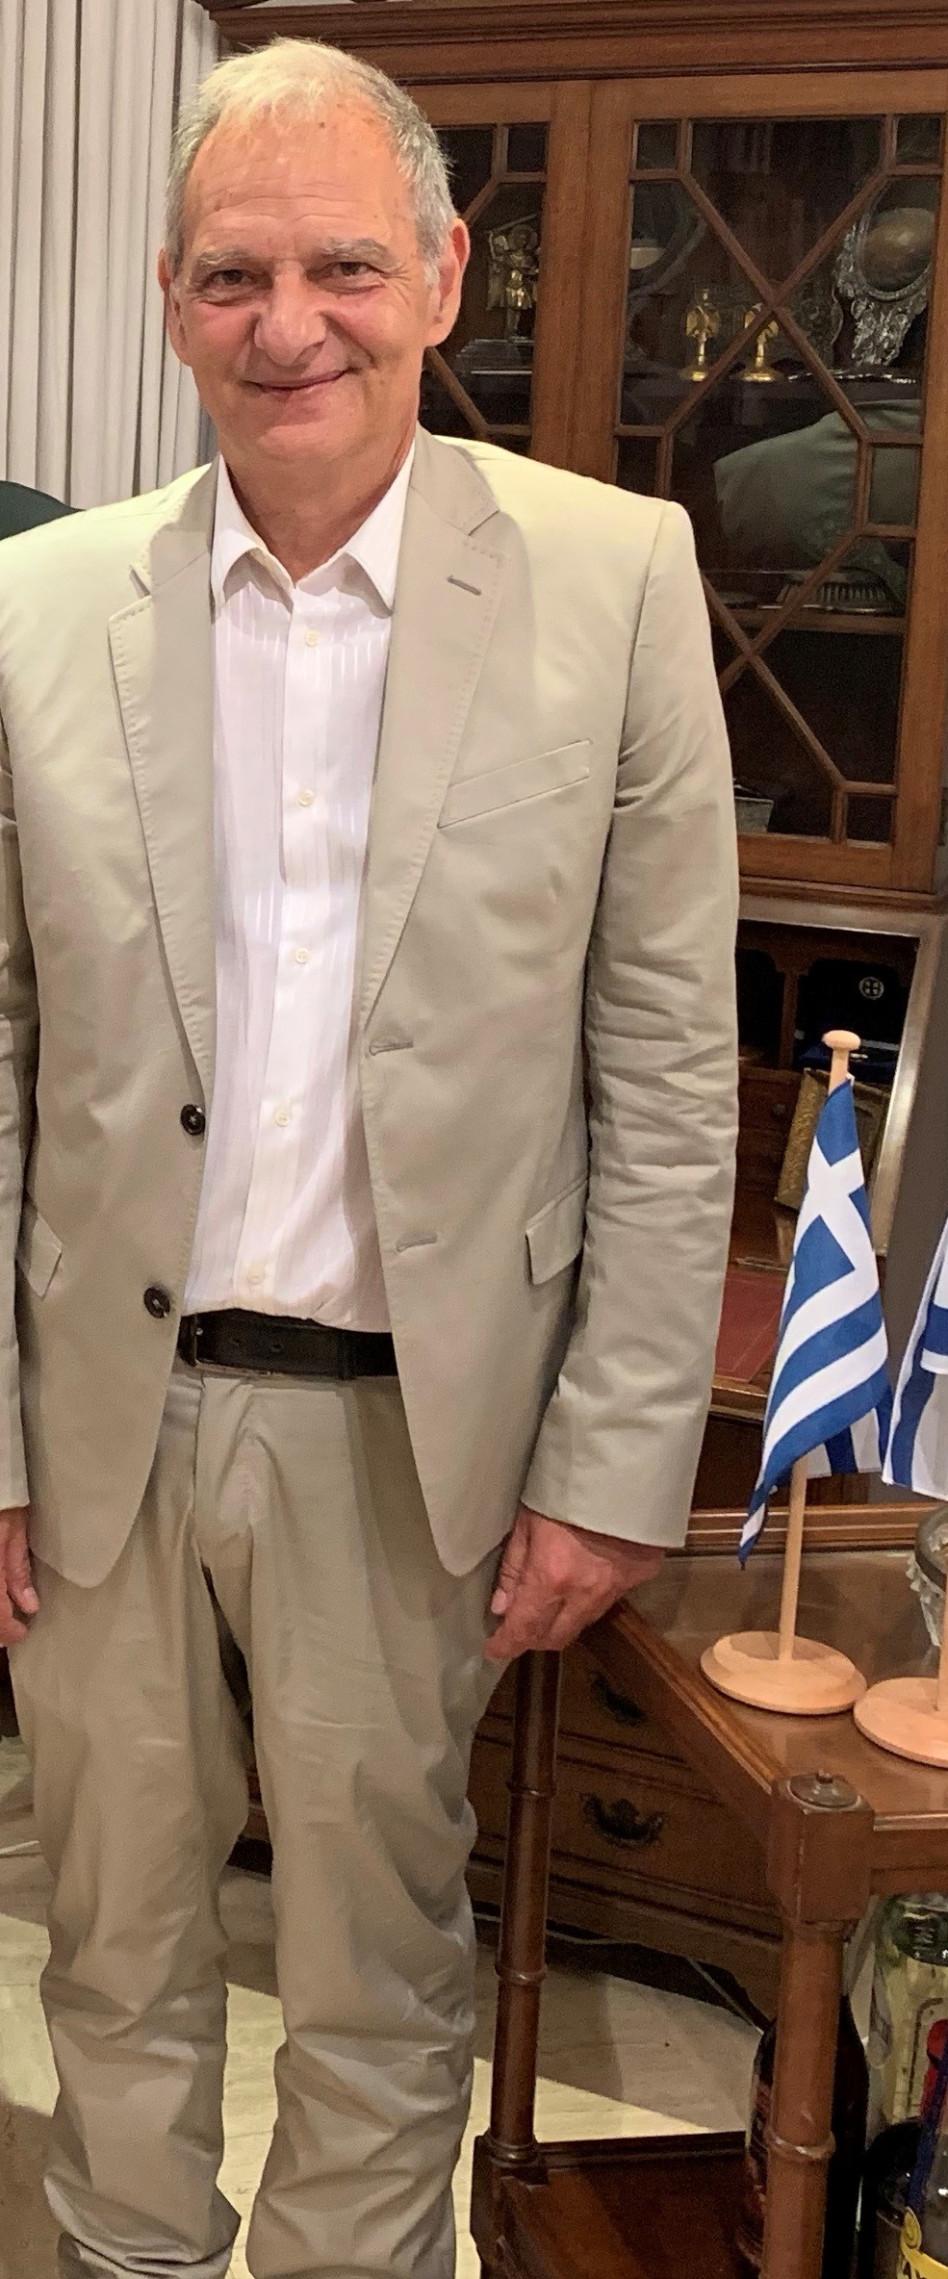 אליאס אליאדס (צילום: איציק קמיליאן)